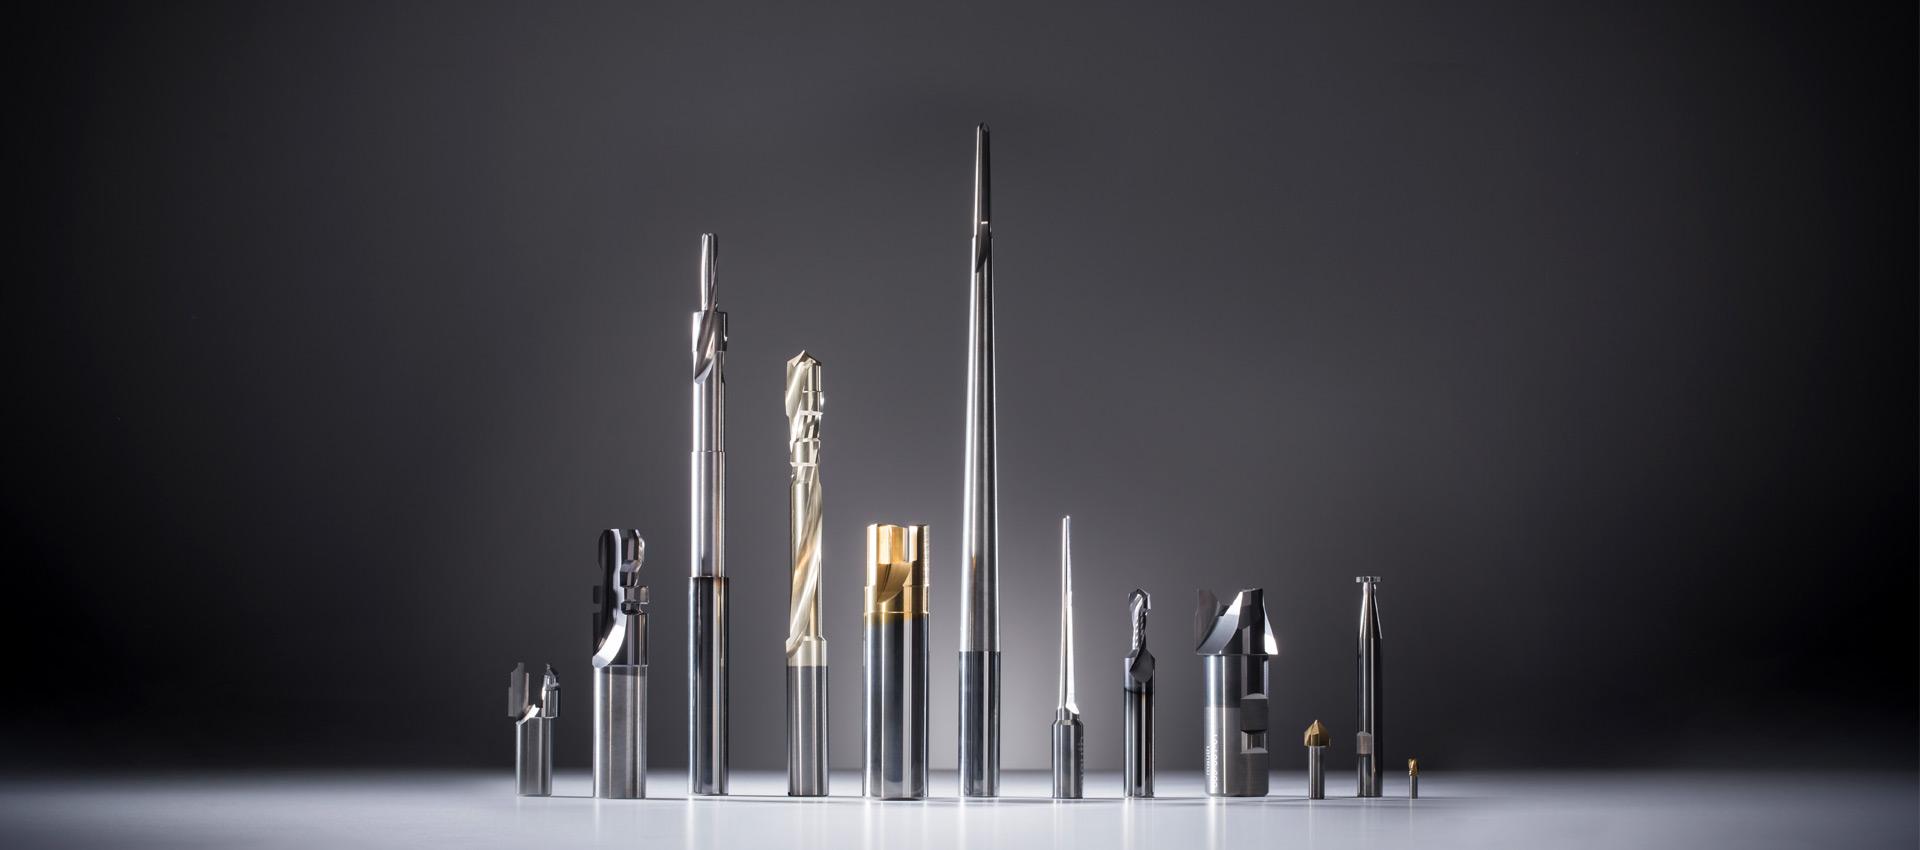 Mauth Werkzeuglösungen - Sonderwerkzeuge